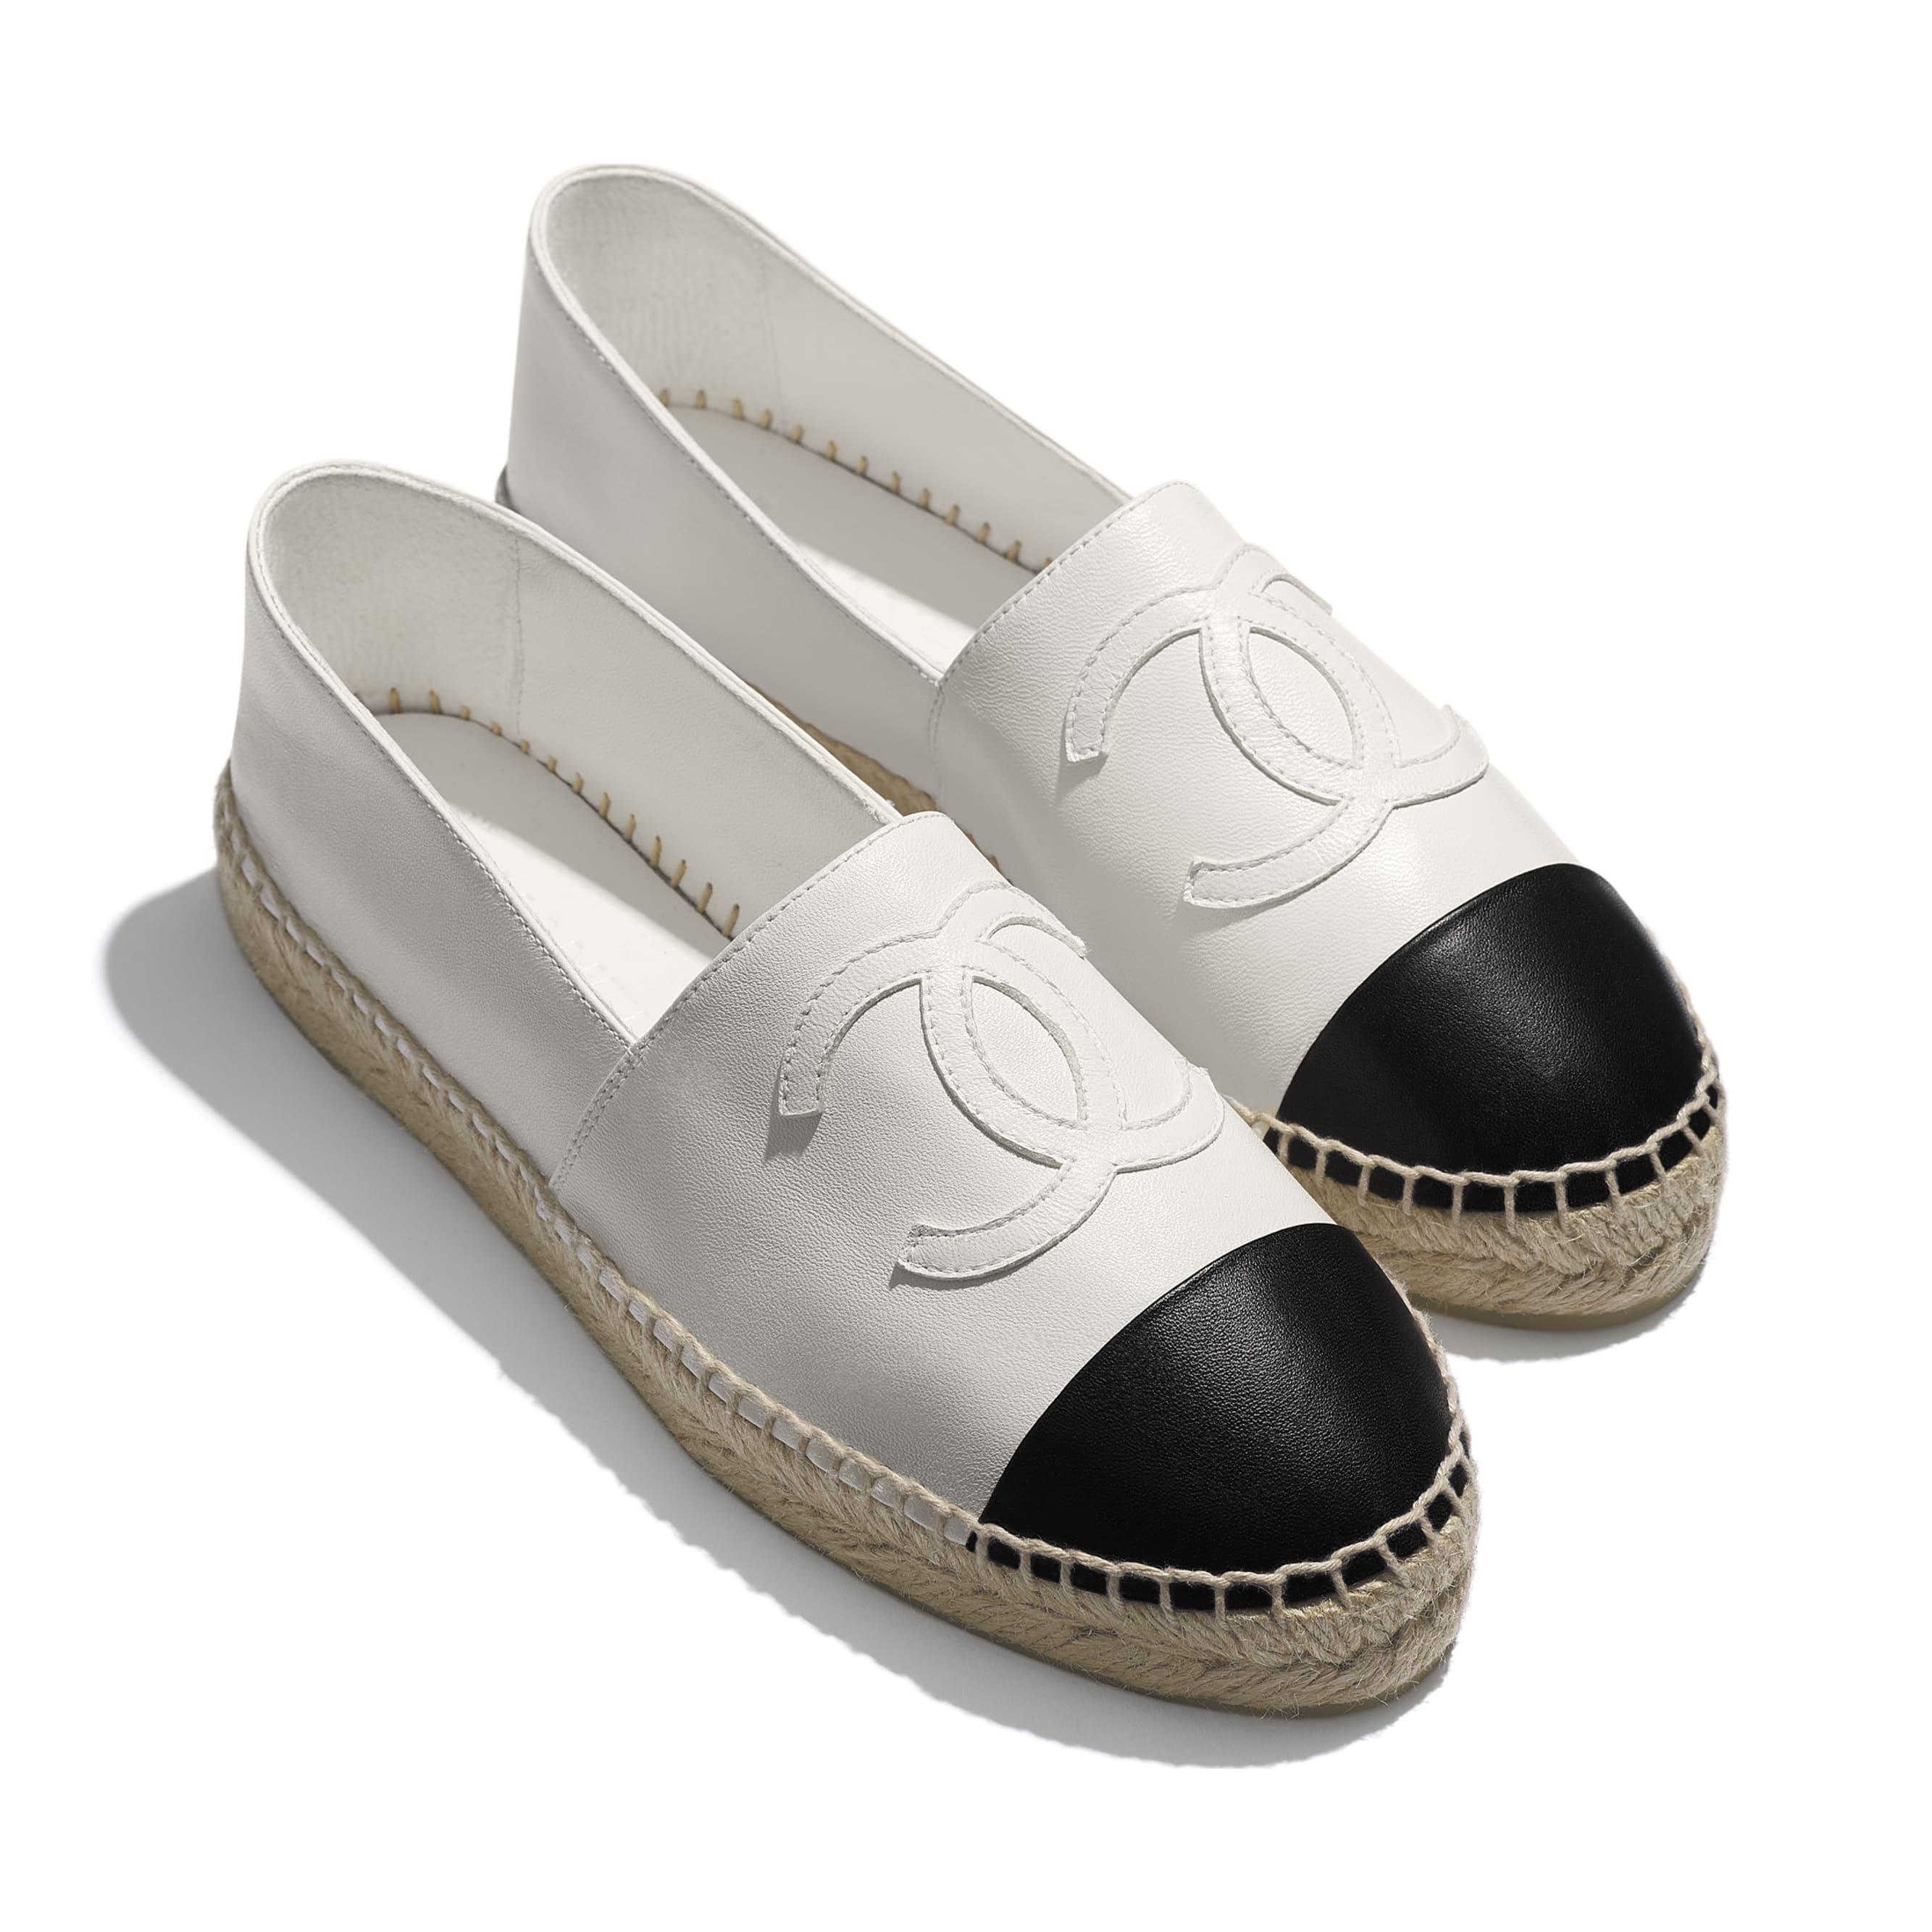 小羊皮 白及黑色 平底草織鞋   CHANEL